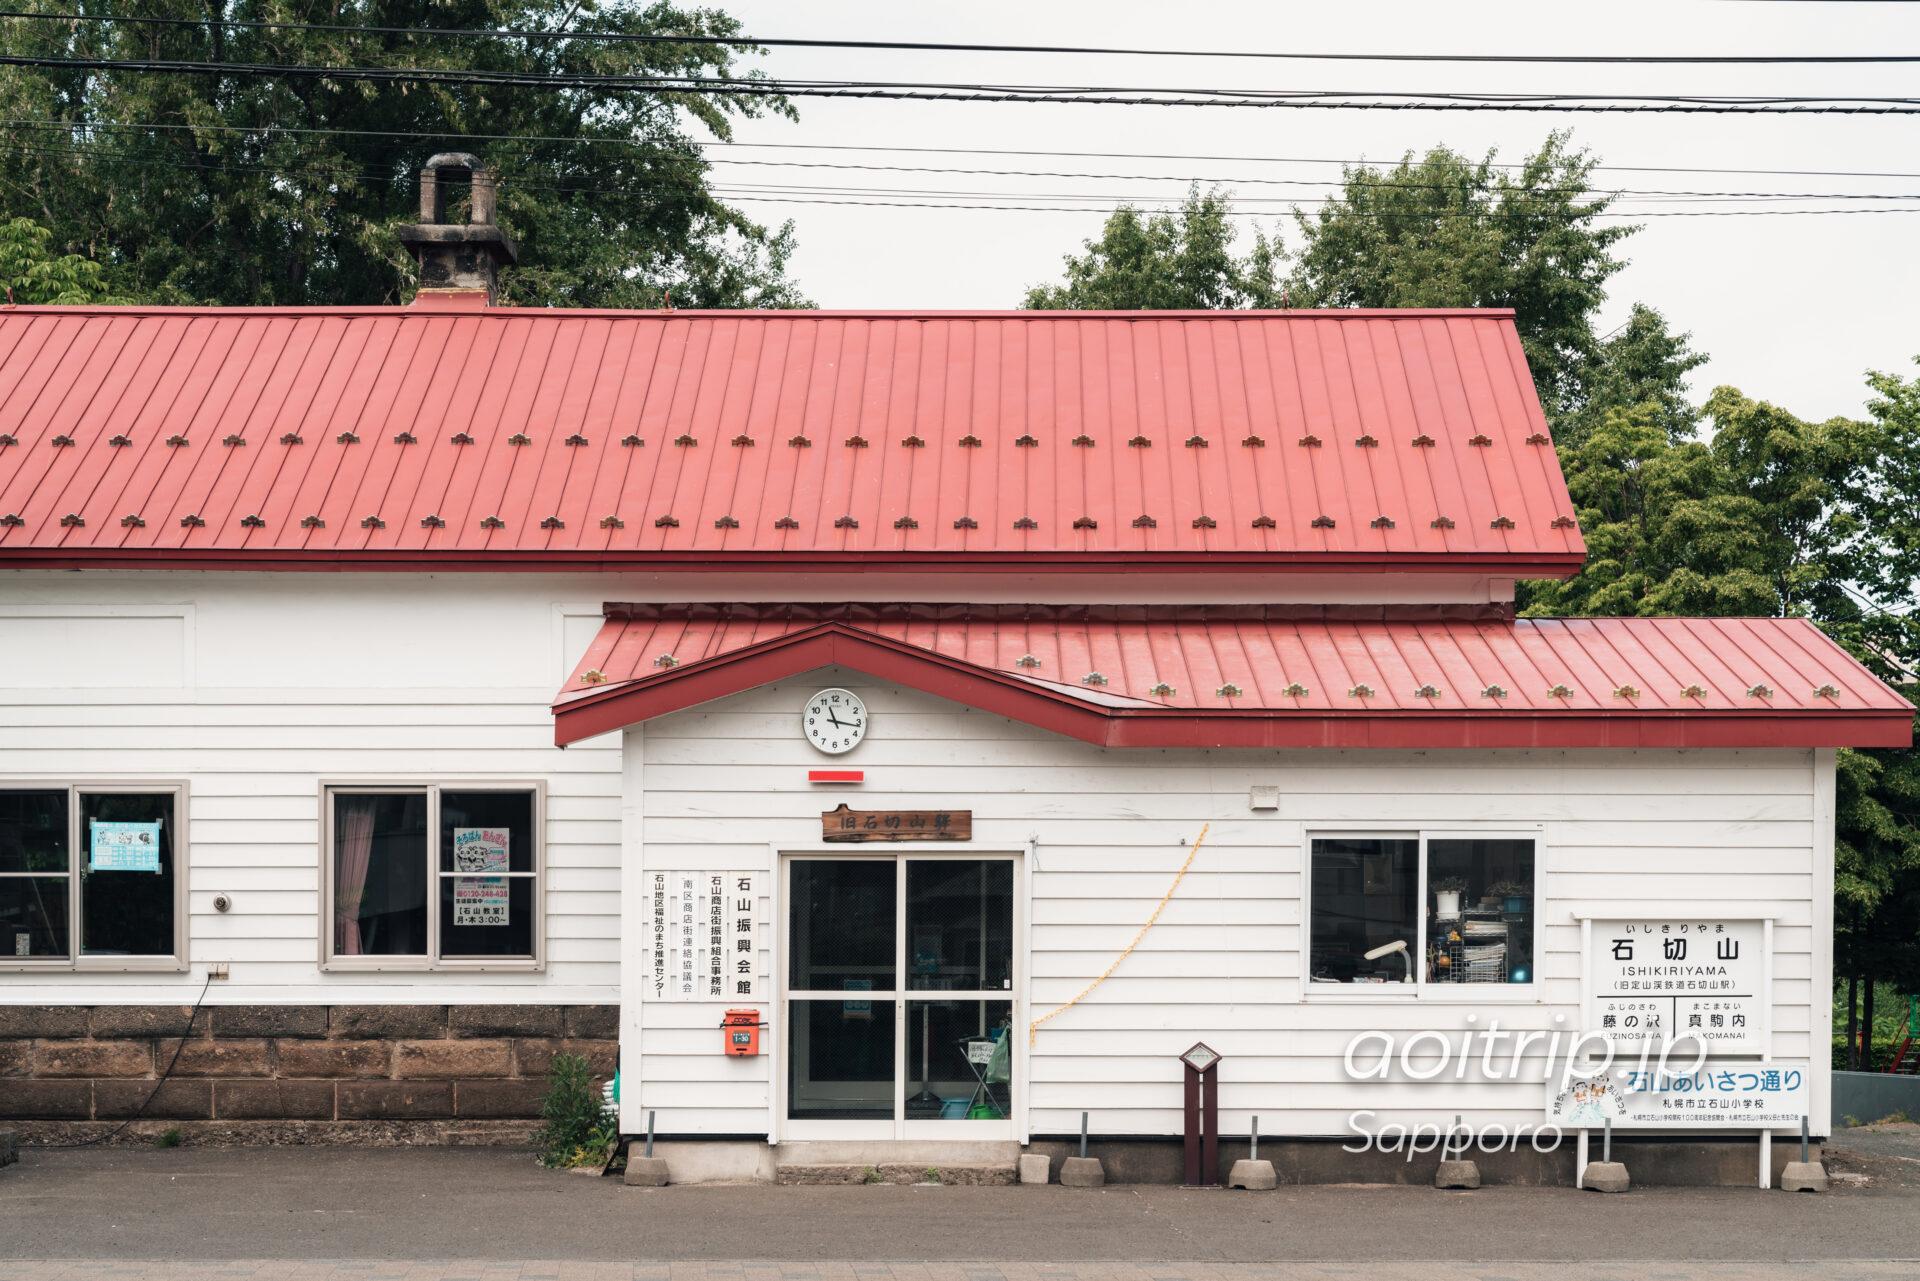 旧定山渓鉄道の旧石切山駅